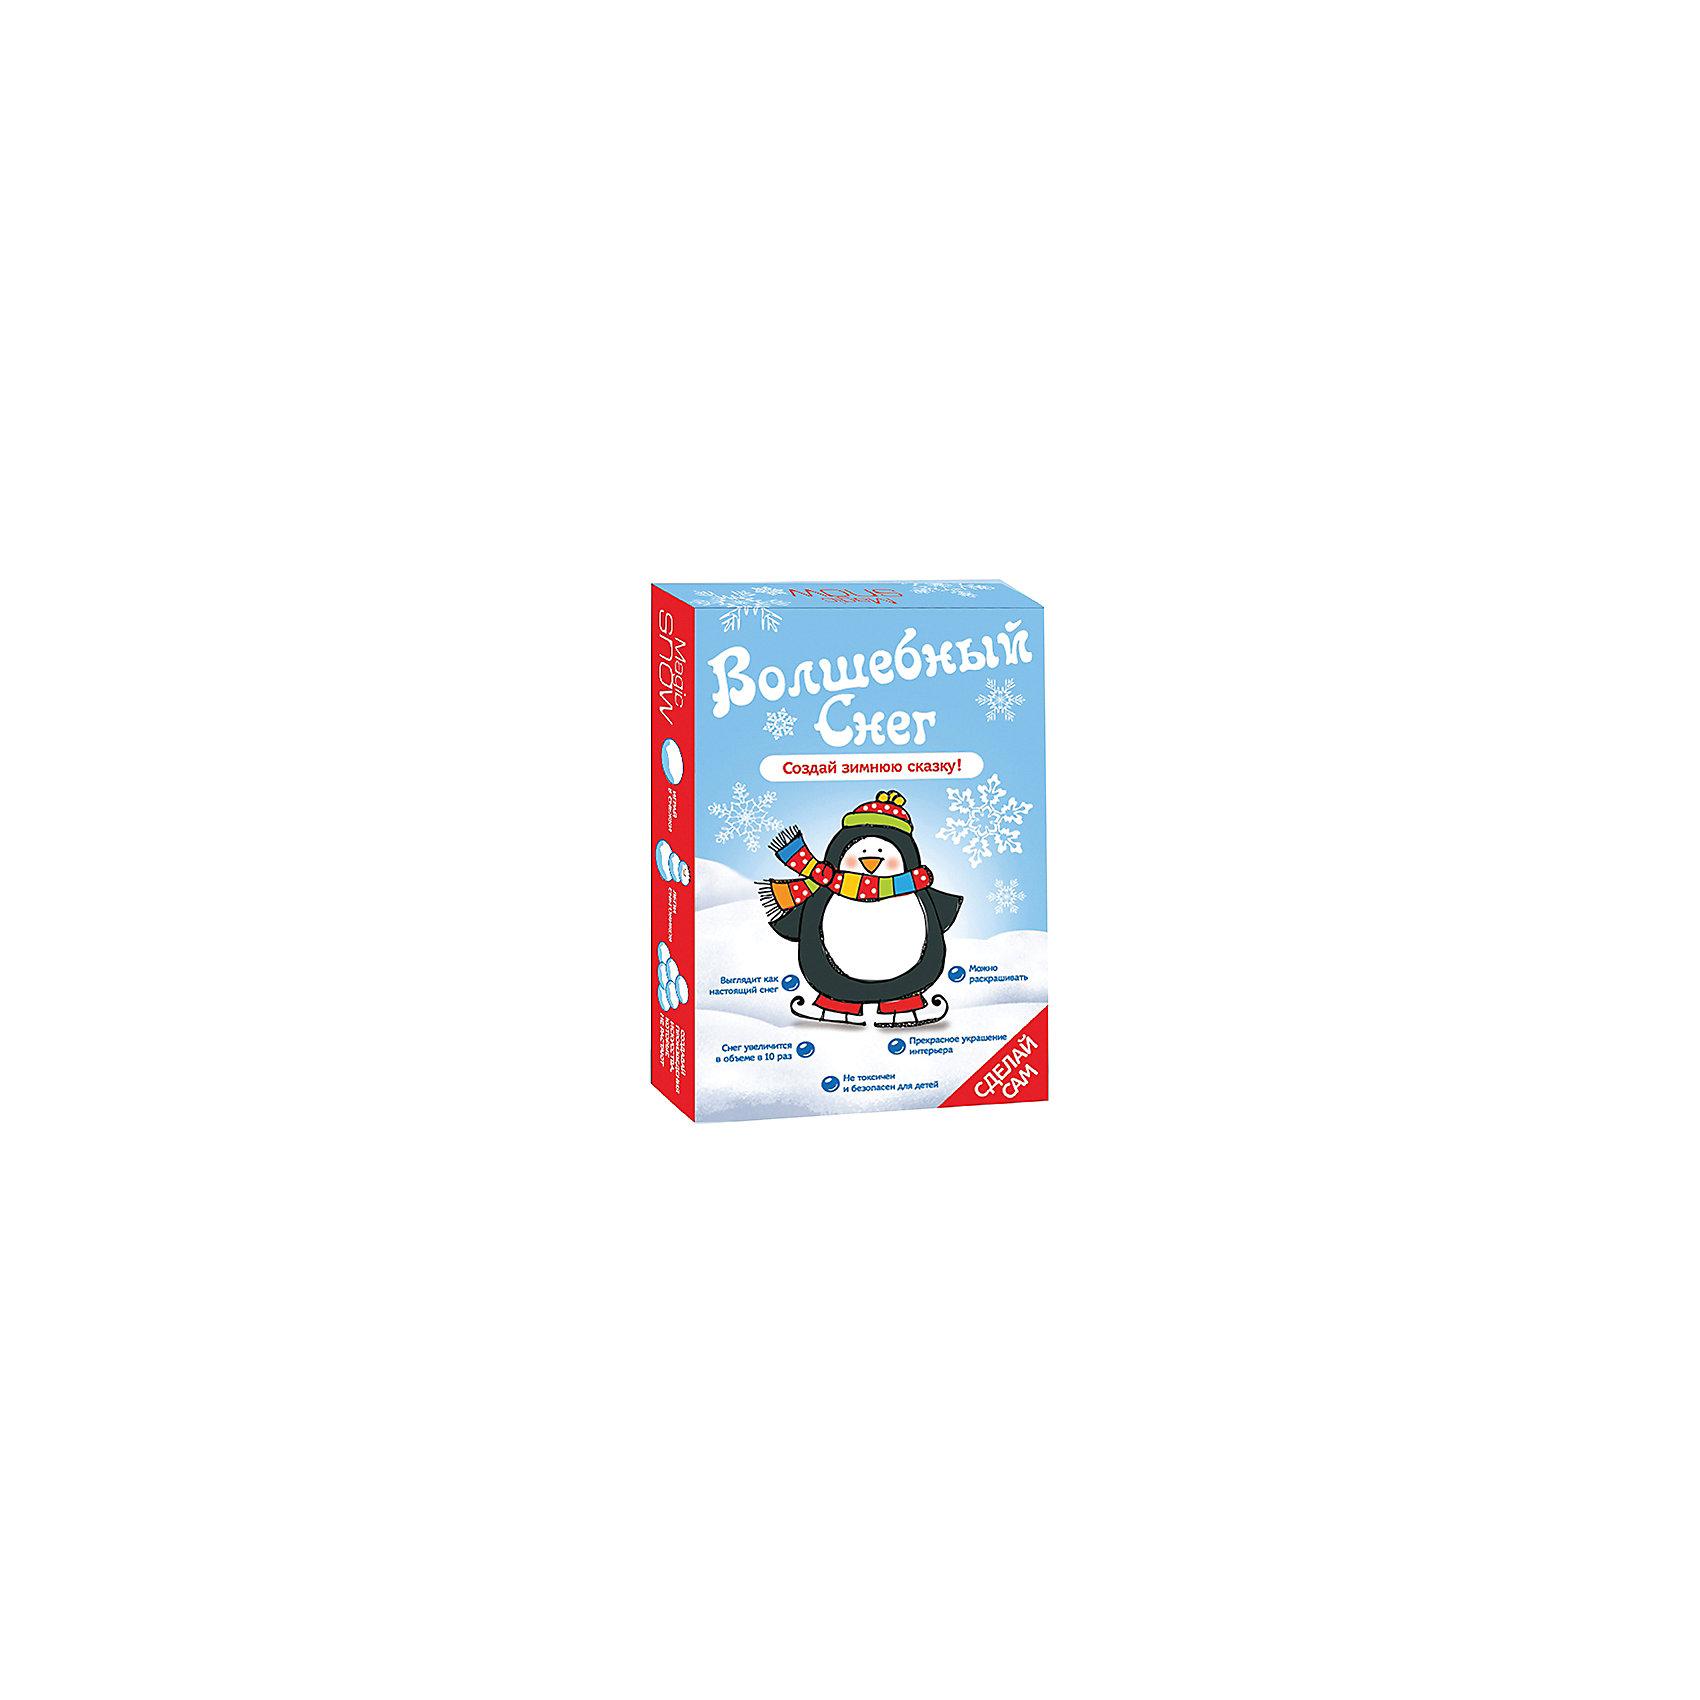 Набор для опытов Волшебный снег - Пингвин БумбарамВсё для праздника<br>Волшебный снег Пингвин, Бумбарам.<br><br>Характеристики:<br><br>• очень похож на настоящий снег<br>• подходит для украшения помещения<br>• можно красить <br>• полностью безопасен<br>• в комплекте: 4 пакетика порошка, лопатка, инструкция<br>• материал: полимер<br>• размер упаковки: 10х7х2 см <br>• вес: 45 грамм<br><br>Волшебный снег Пингвин поможет создать настоящую зимнюю атмосферу в доме. Искусственный снег почти не отличается от настоящего: он влажный, рассыпчатый и прохладный. Для приготовления нужно добавить воду в порошок и тщательно перемешать. Для создания цветного снега достаточно добавить краситель в воду перед приготовлением. Получившимся снегом можно украсить помещение, елочку или новогодние сувениры.<br><br>Волшебный снег Пингвин, Бумбарам вы можете купить в нашем интернет-магазине.<br><br>Ширина мм: 100<br>Глубина мм: 70<br>Высота мм: 20<br>Вес г: 45<br>Возраст от месяцев: 168<br>Возраст до месяцев: 240<br>Пол: Унисекс<br>Возраст: Детский<br>SKU: 5054032